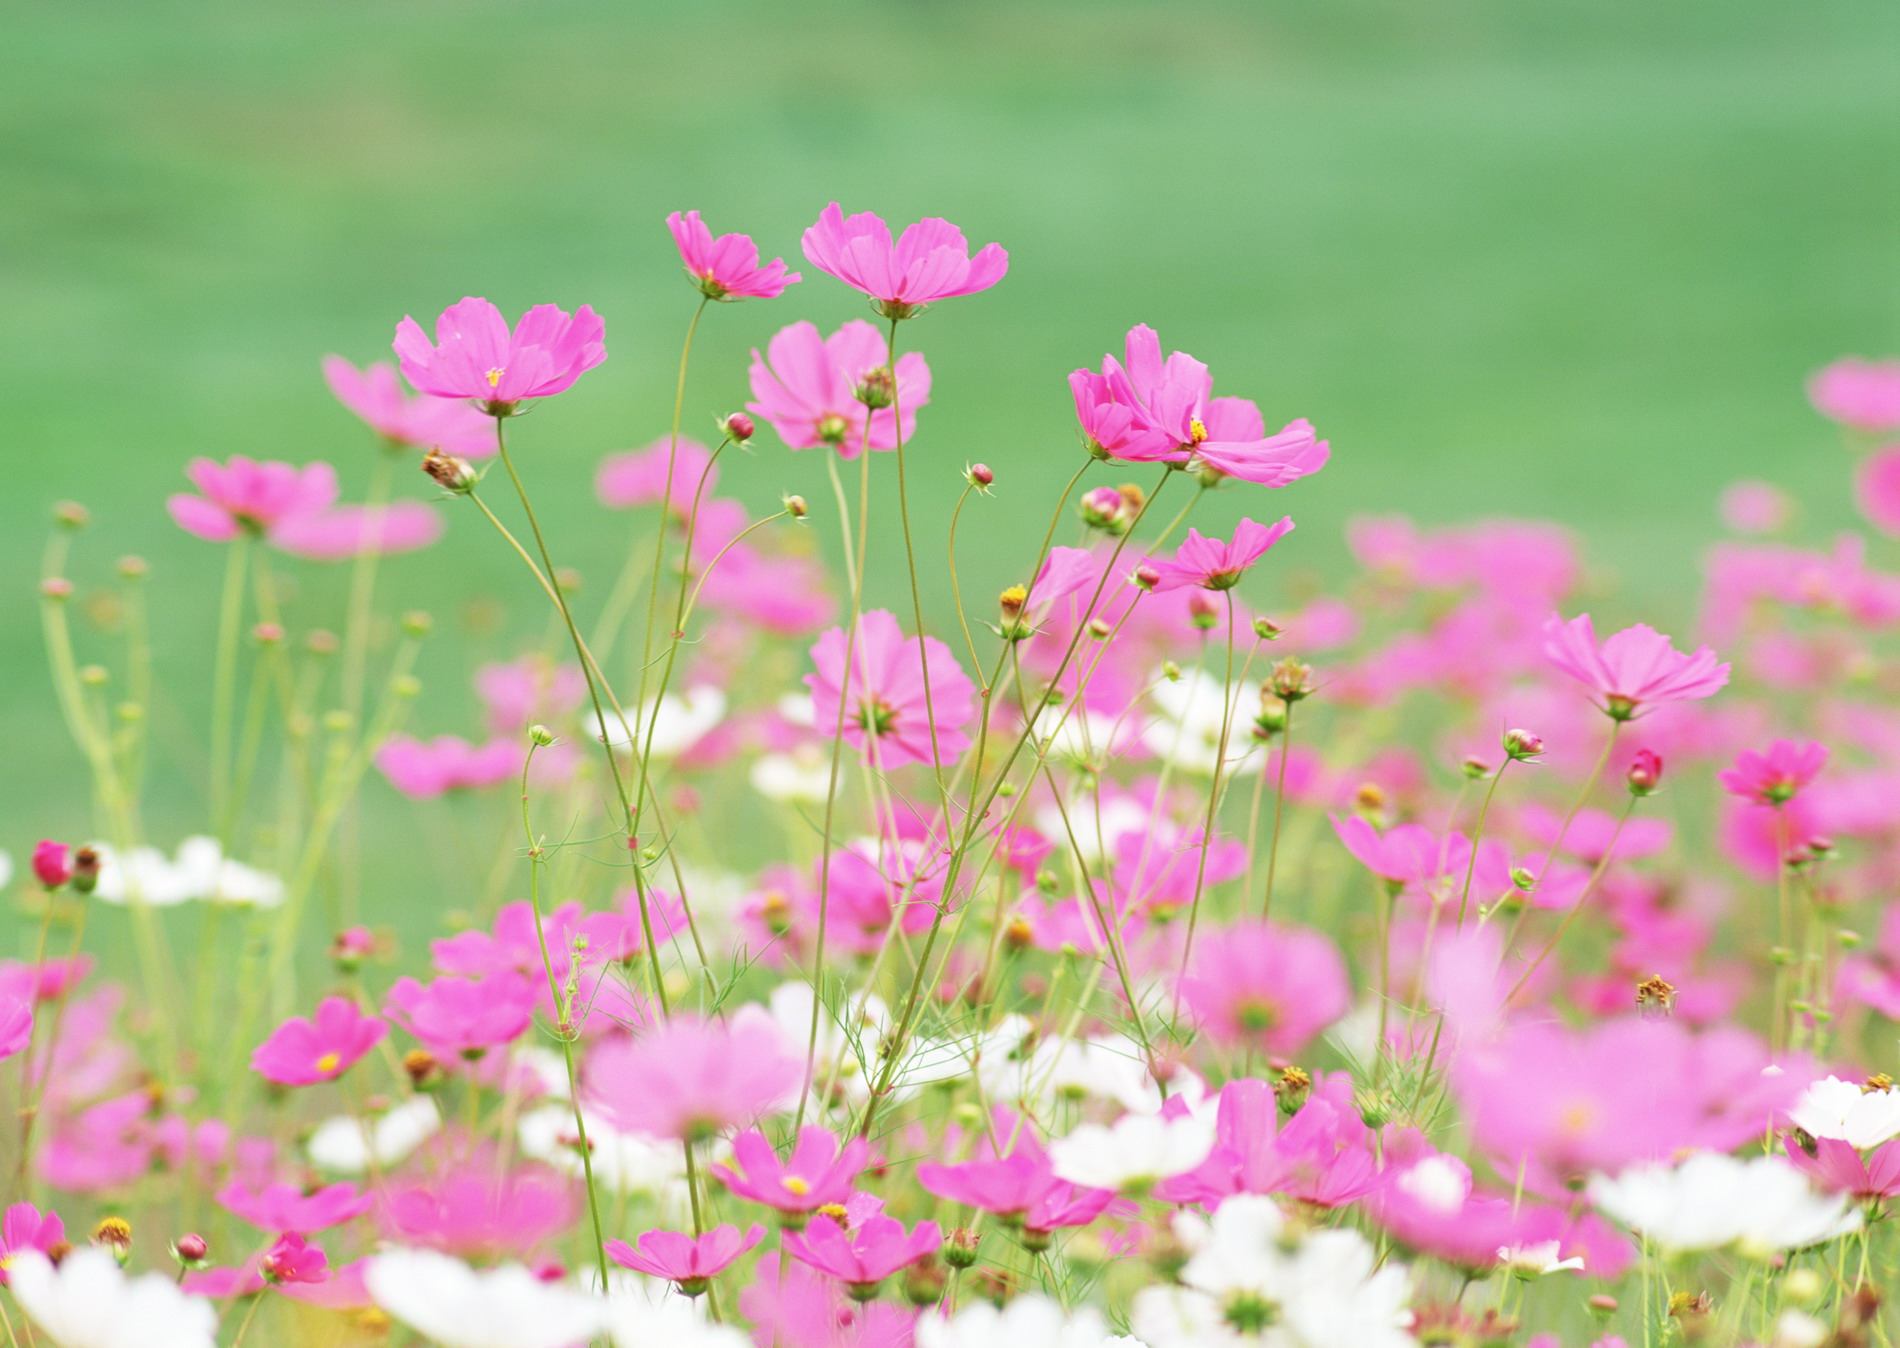 цветы полевые. фото